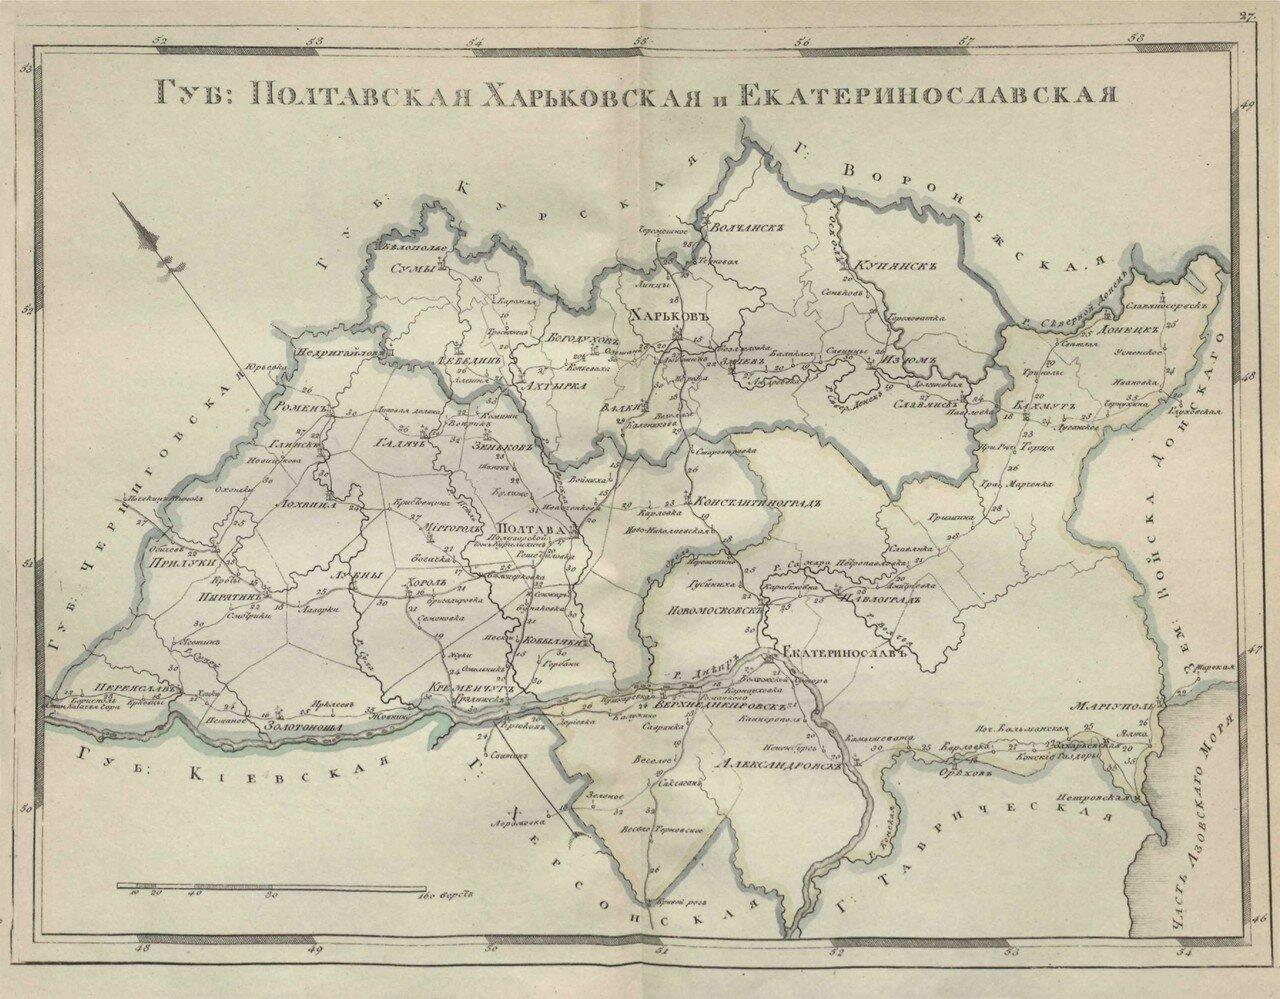 28. Полтавская, Харьковская и Екатеринославская губернии